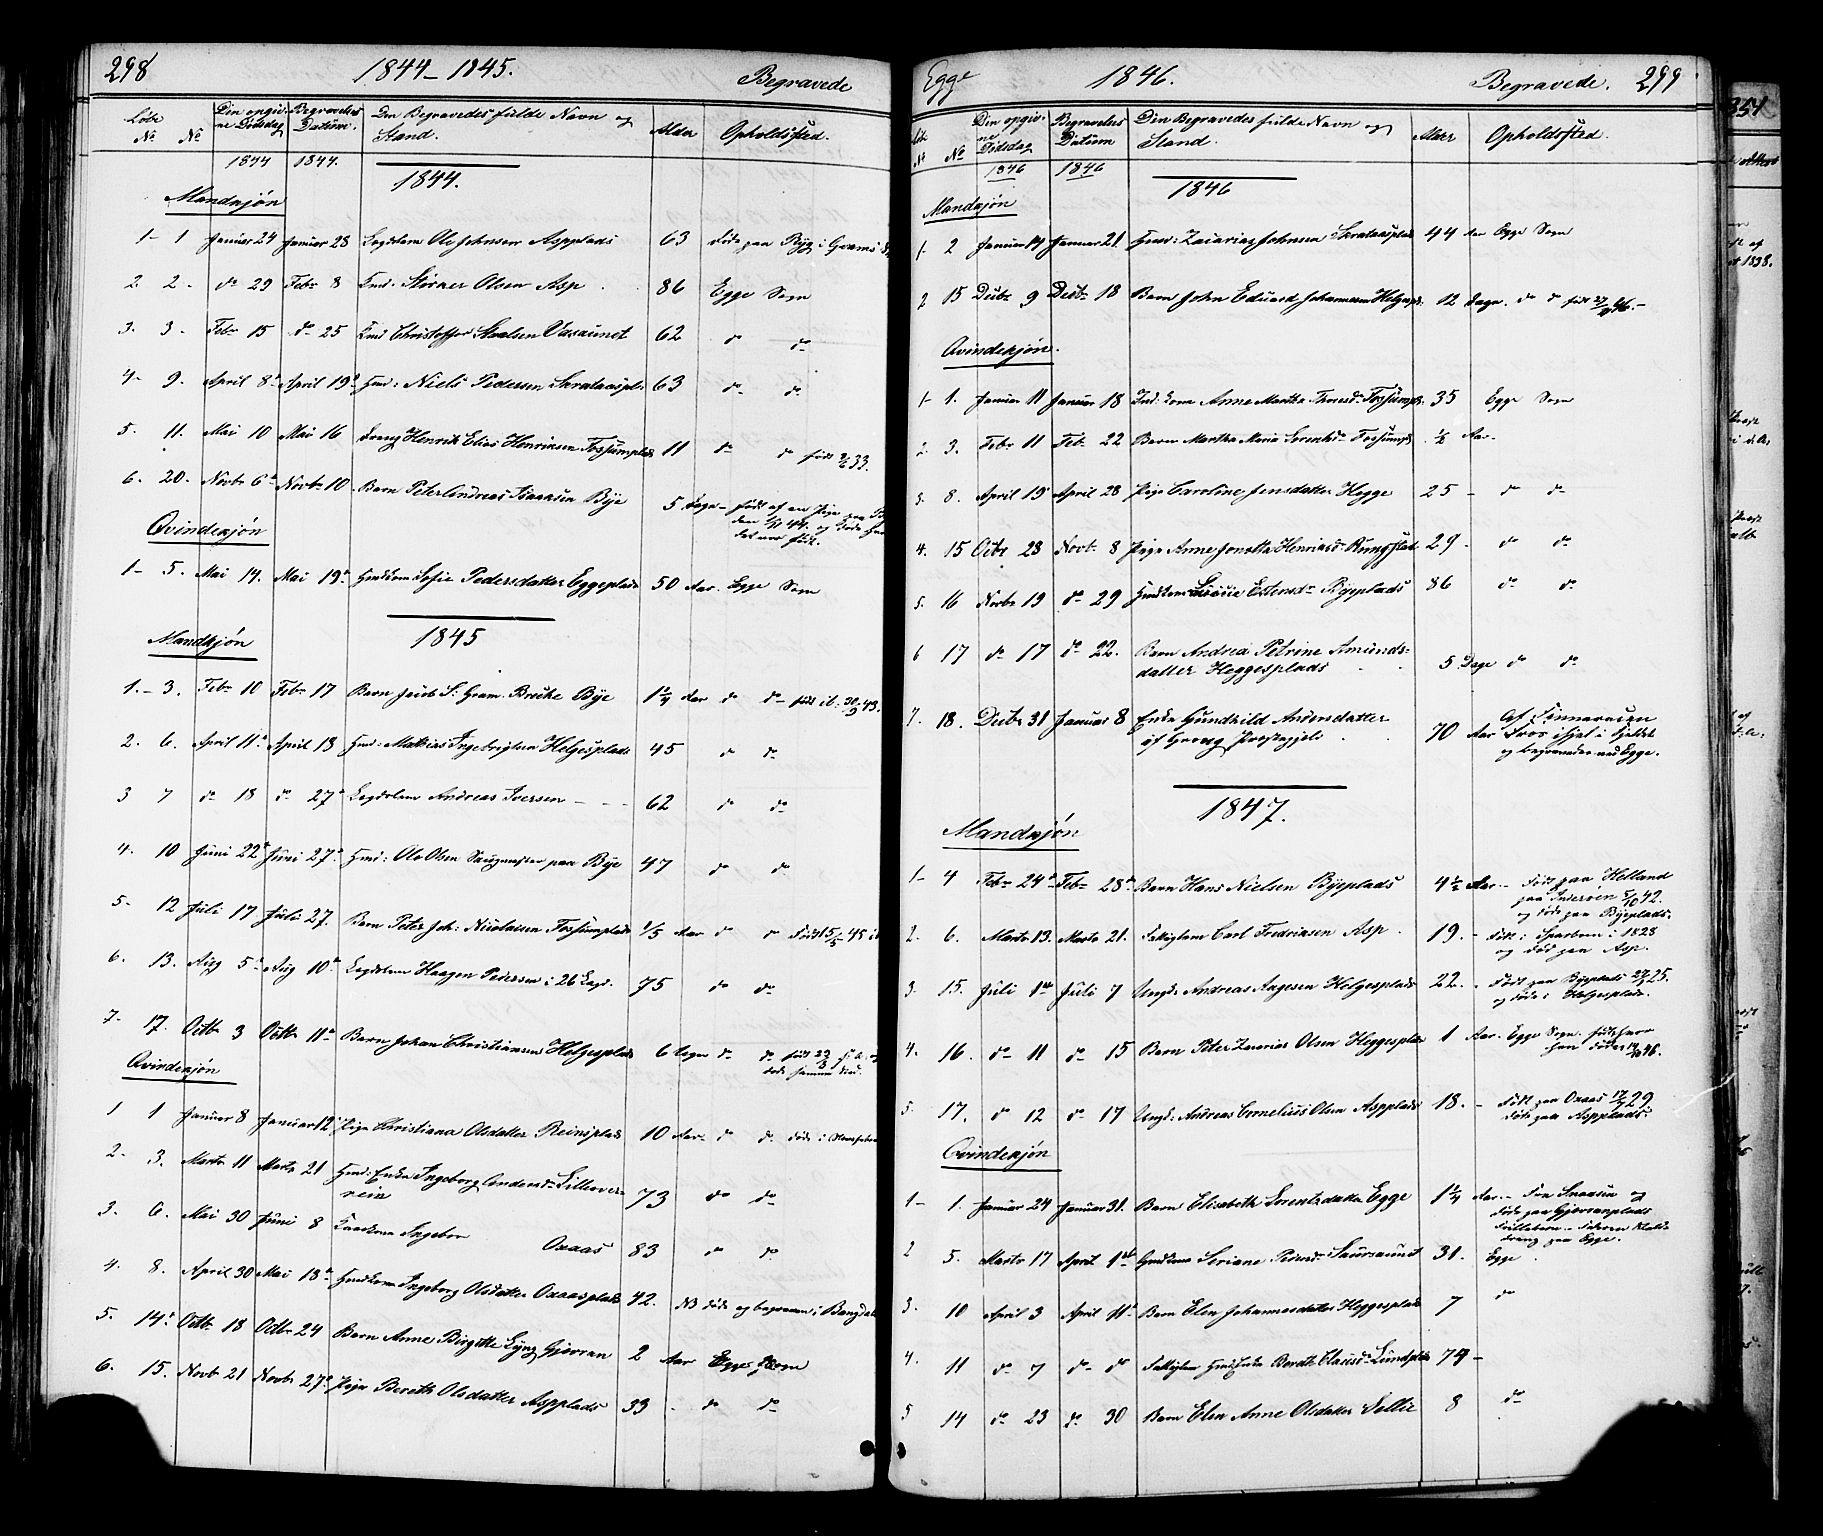 SAT, Ministerialprotokoller, klokkerbøker og fødselsregistre - Nord-Trøndelag, 739/L0367: Ministerialbok nr. 739A01 /3, 1838-1868, s. 298-299